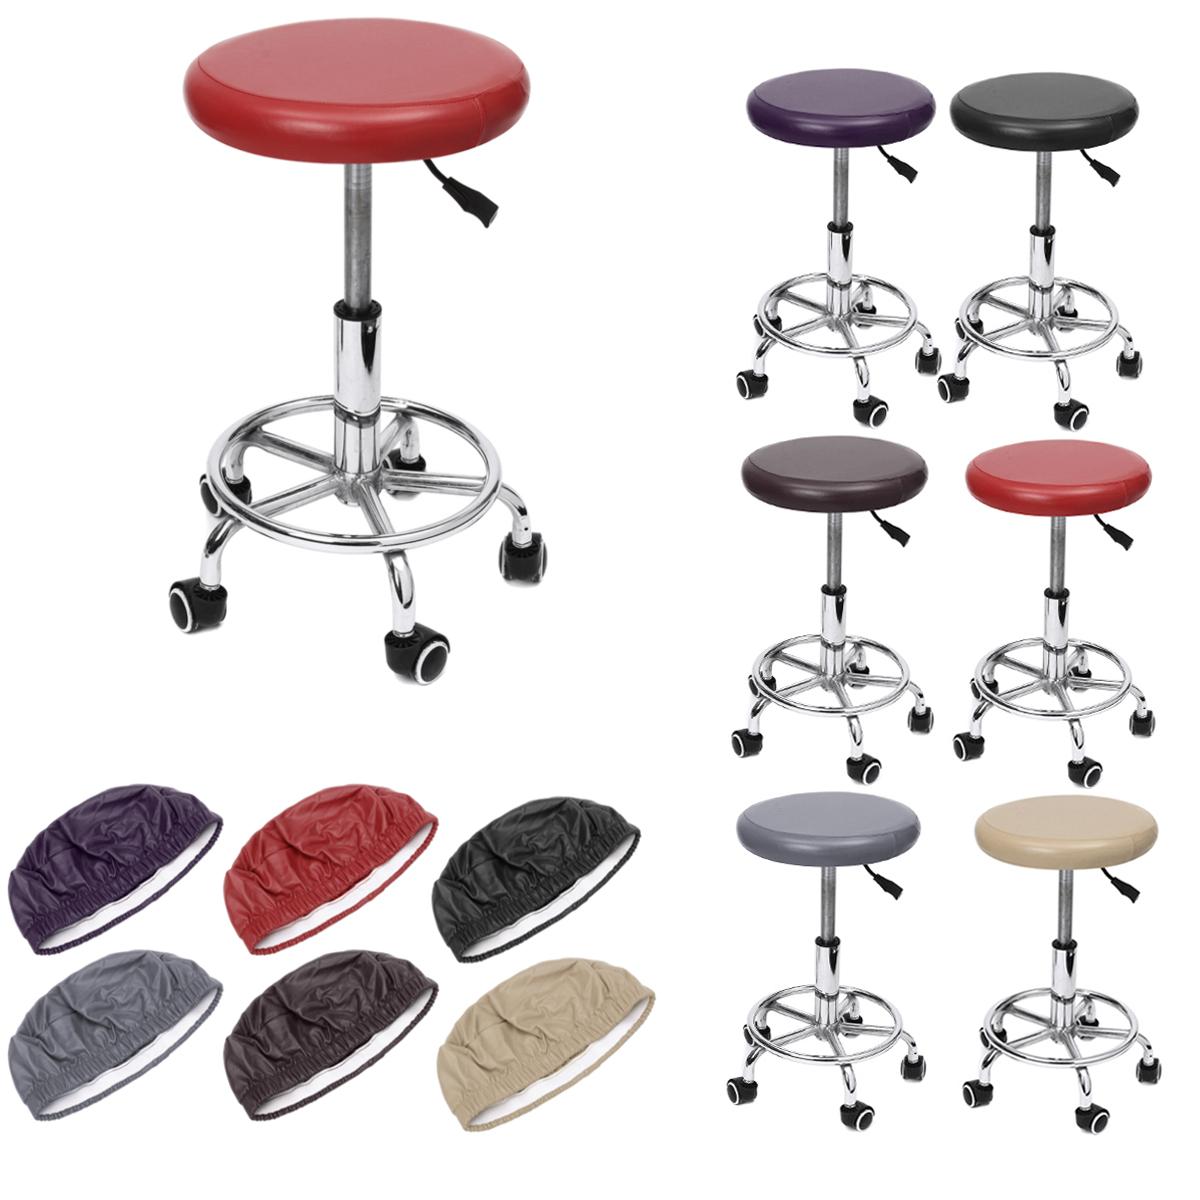 Круглые чехлы на стулья Эластичный кожаный пылезащитный чехол для сиденья барного стула